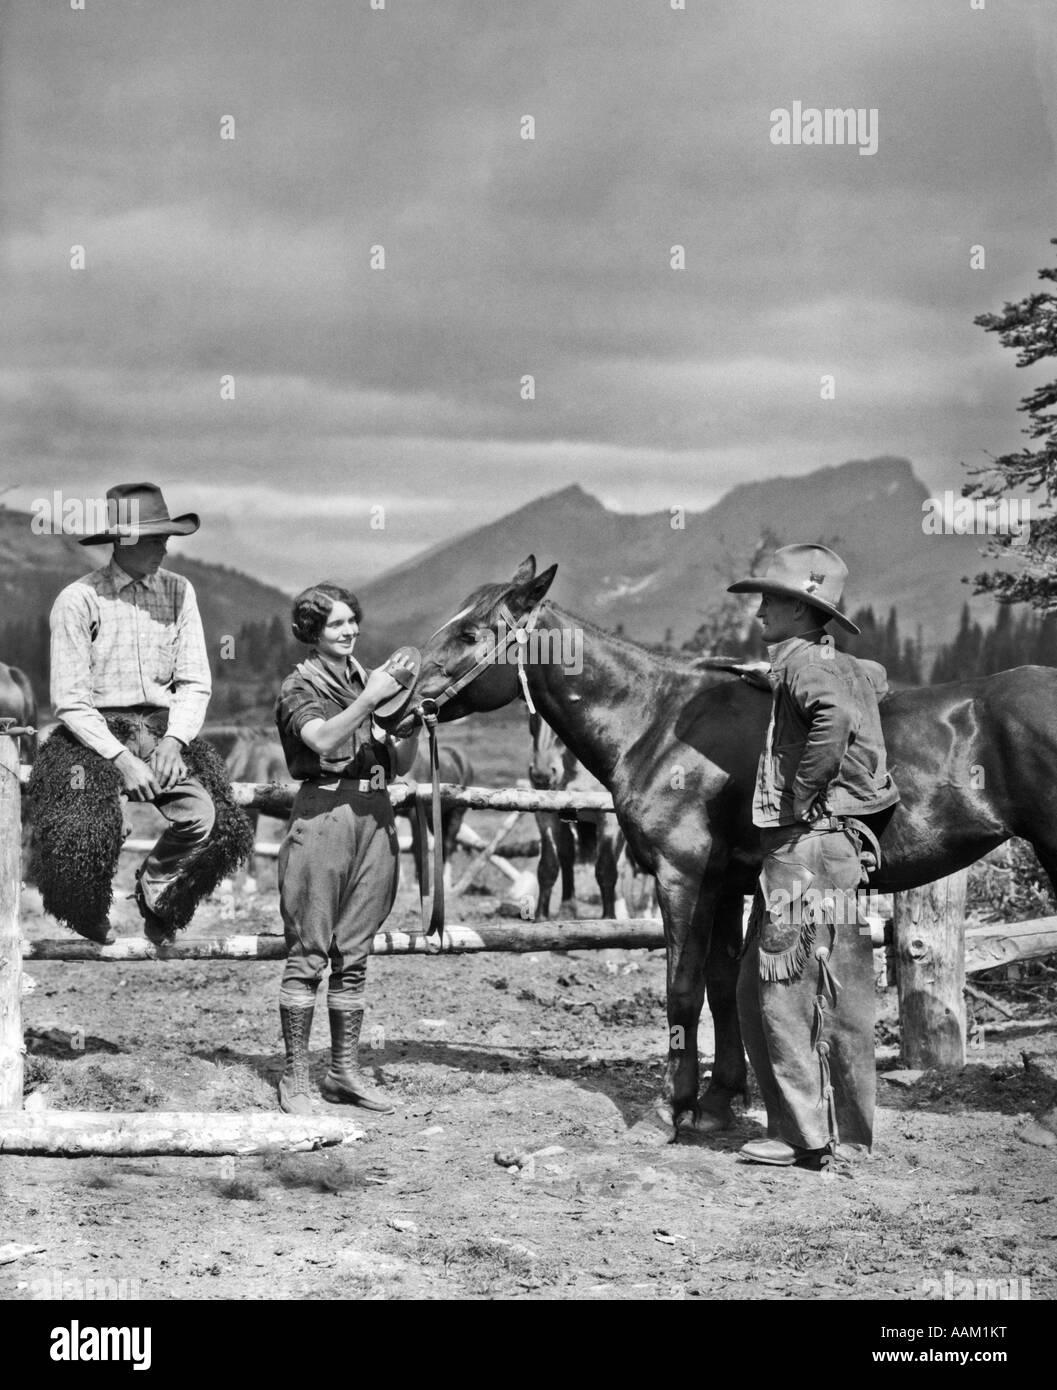 1930ER JAHREN ZWEI COWBOYS & EINE FRAU, DIE PFLEGEND EIN PFERD IN DER NÄHE VON DER KOPPEL STEHEN COWBOY IST TRAGEN Stockfoto